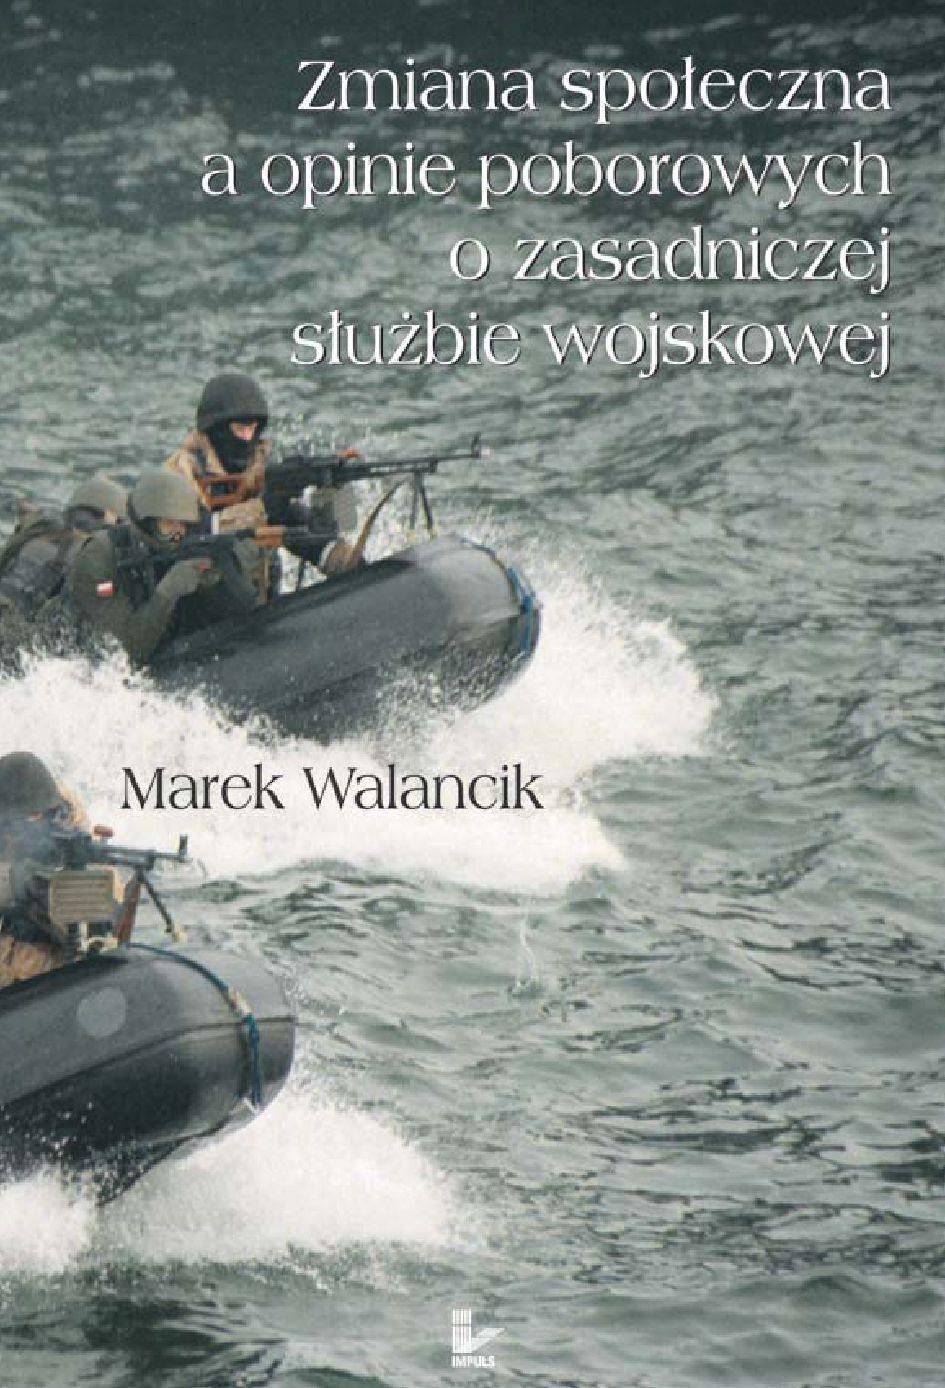 Zmiana społeczna a opinie poborowych o zasadniczej służbie wojskowej - Ebook (Książka PDF) do pobrania w formacie PDF